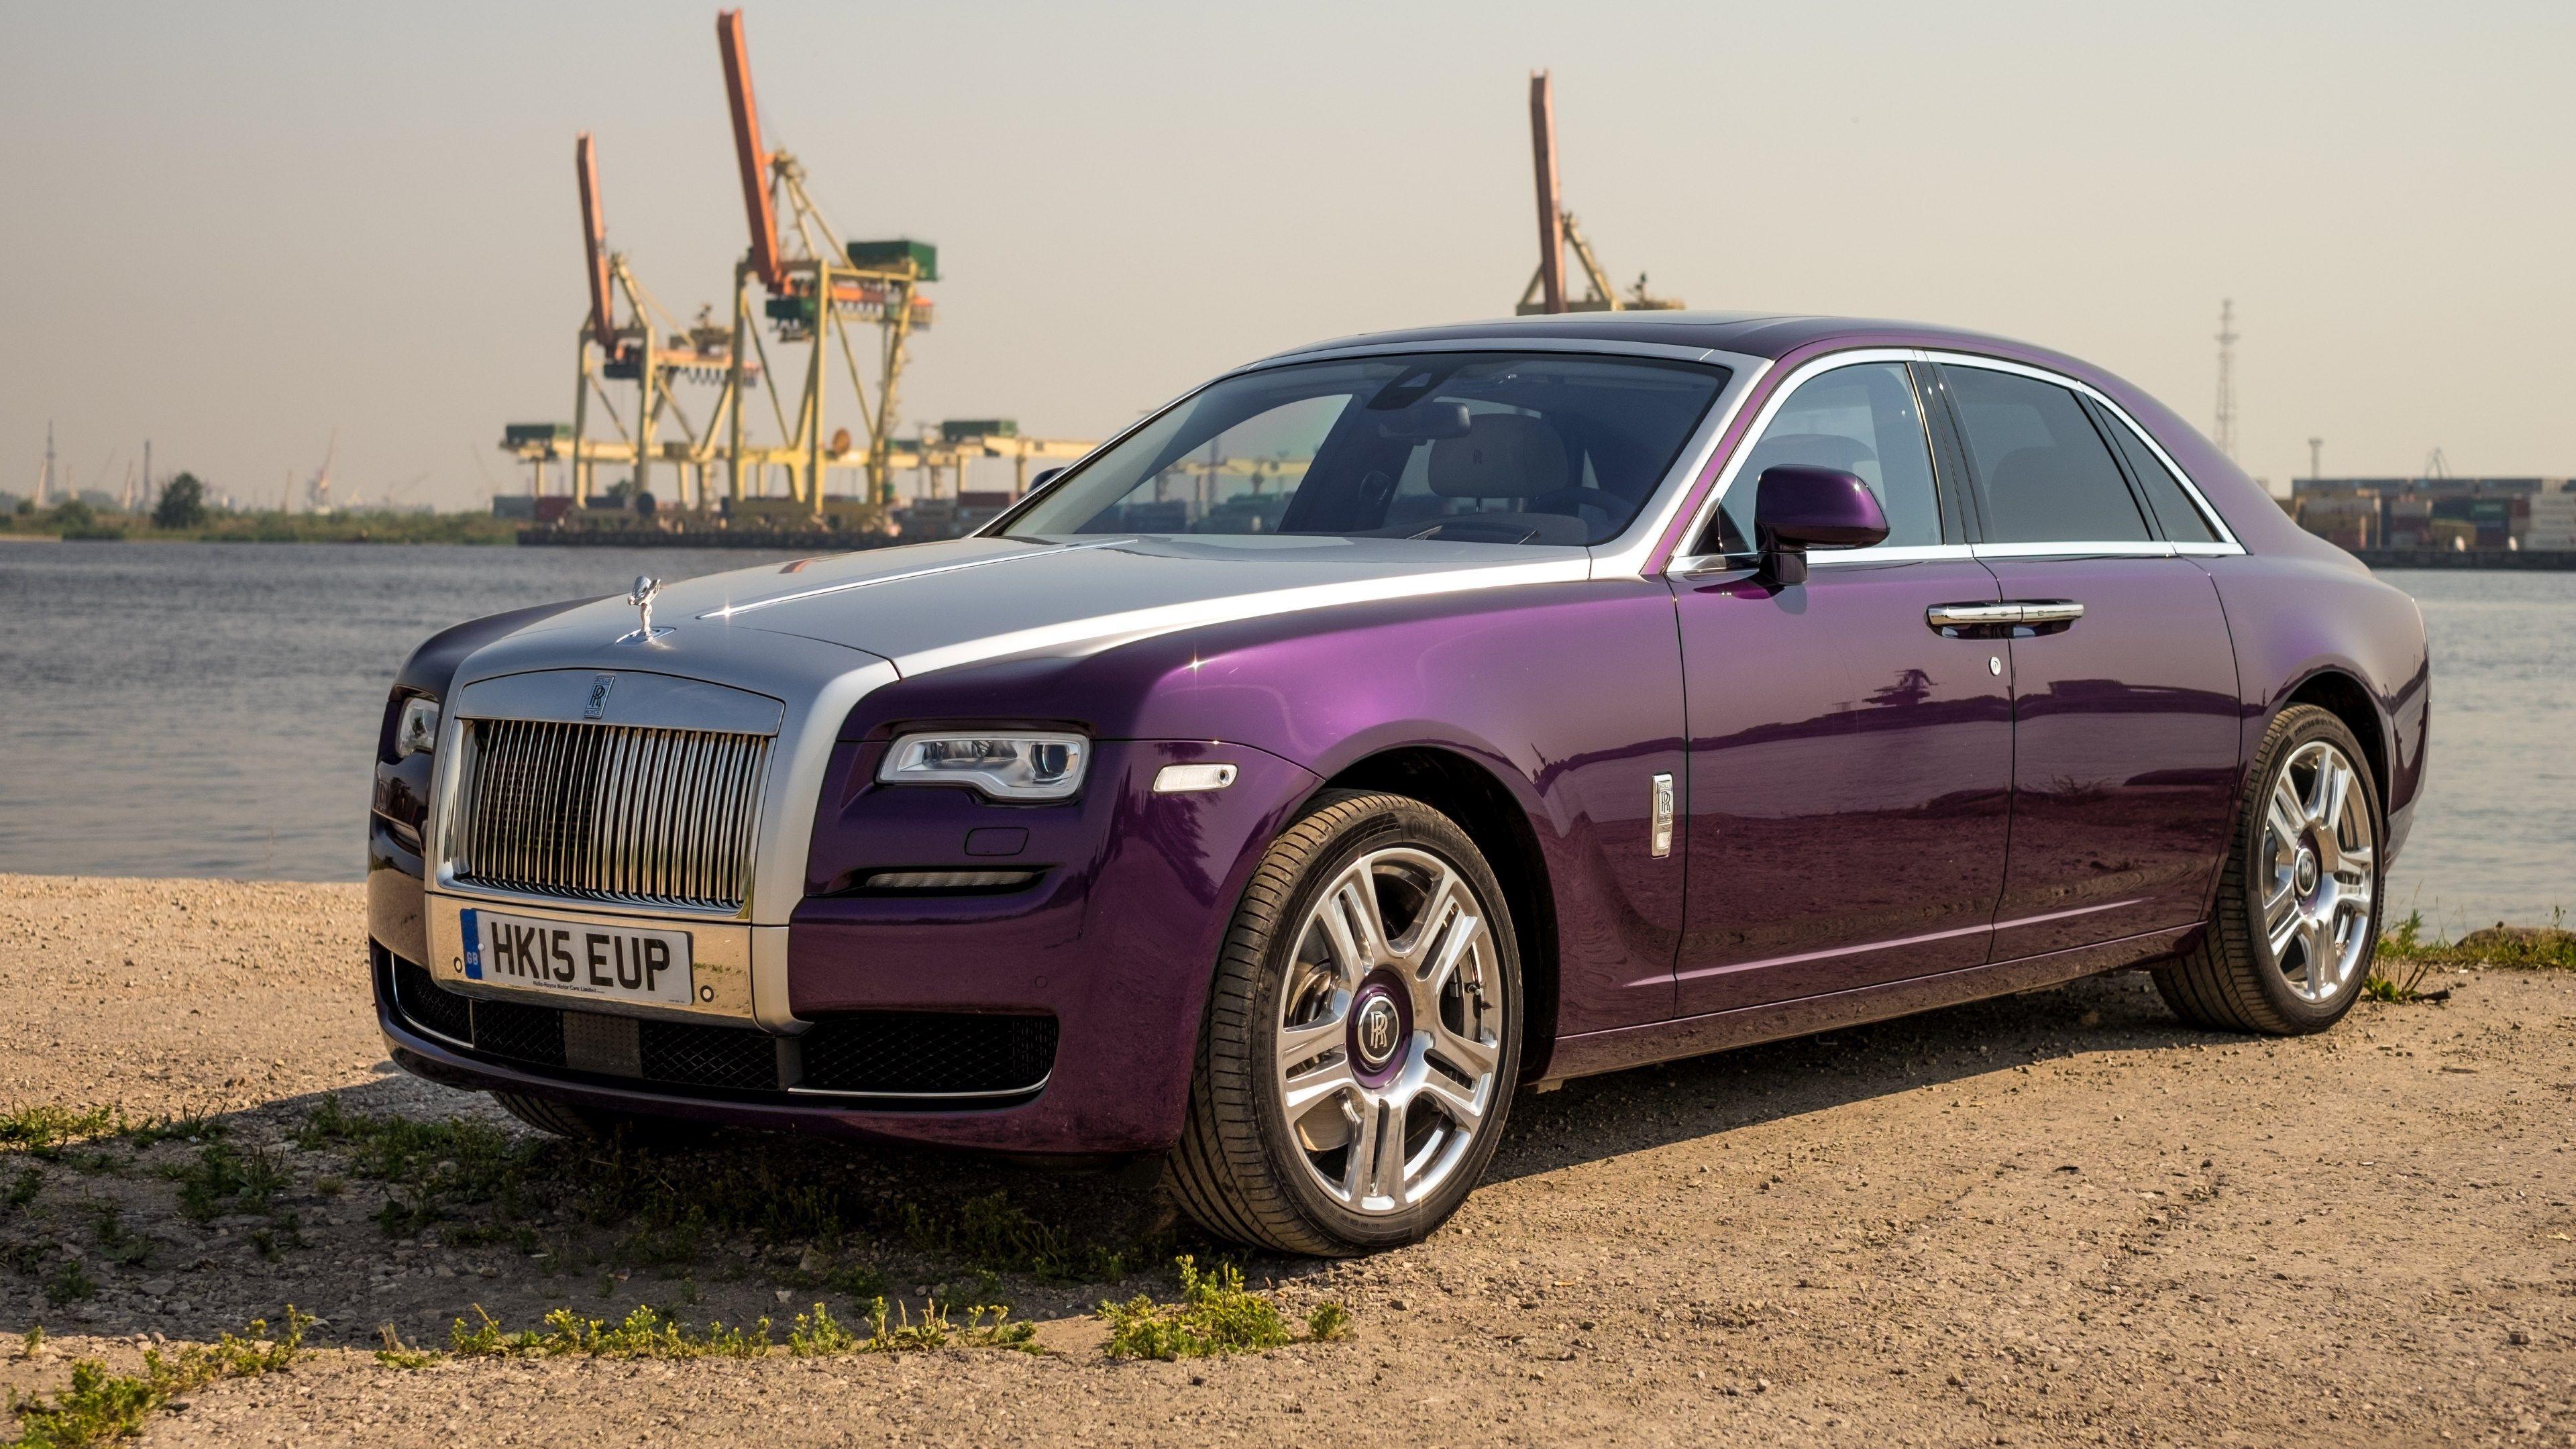 4k Rolls Royce Ghost 3840x2160 Wallpaperscreator Pinterest